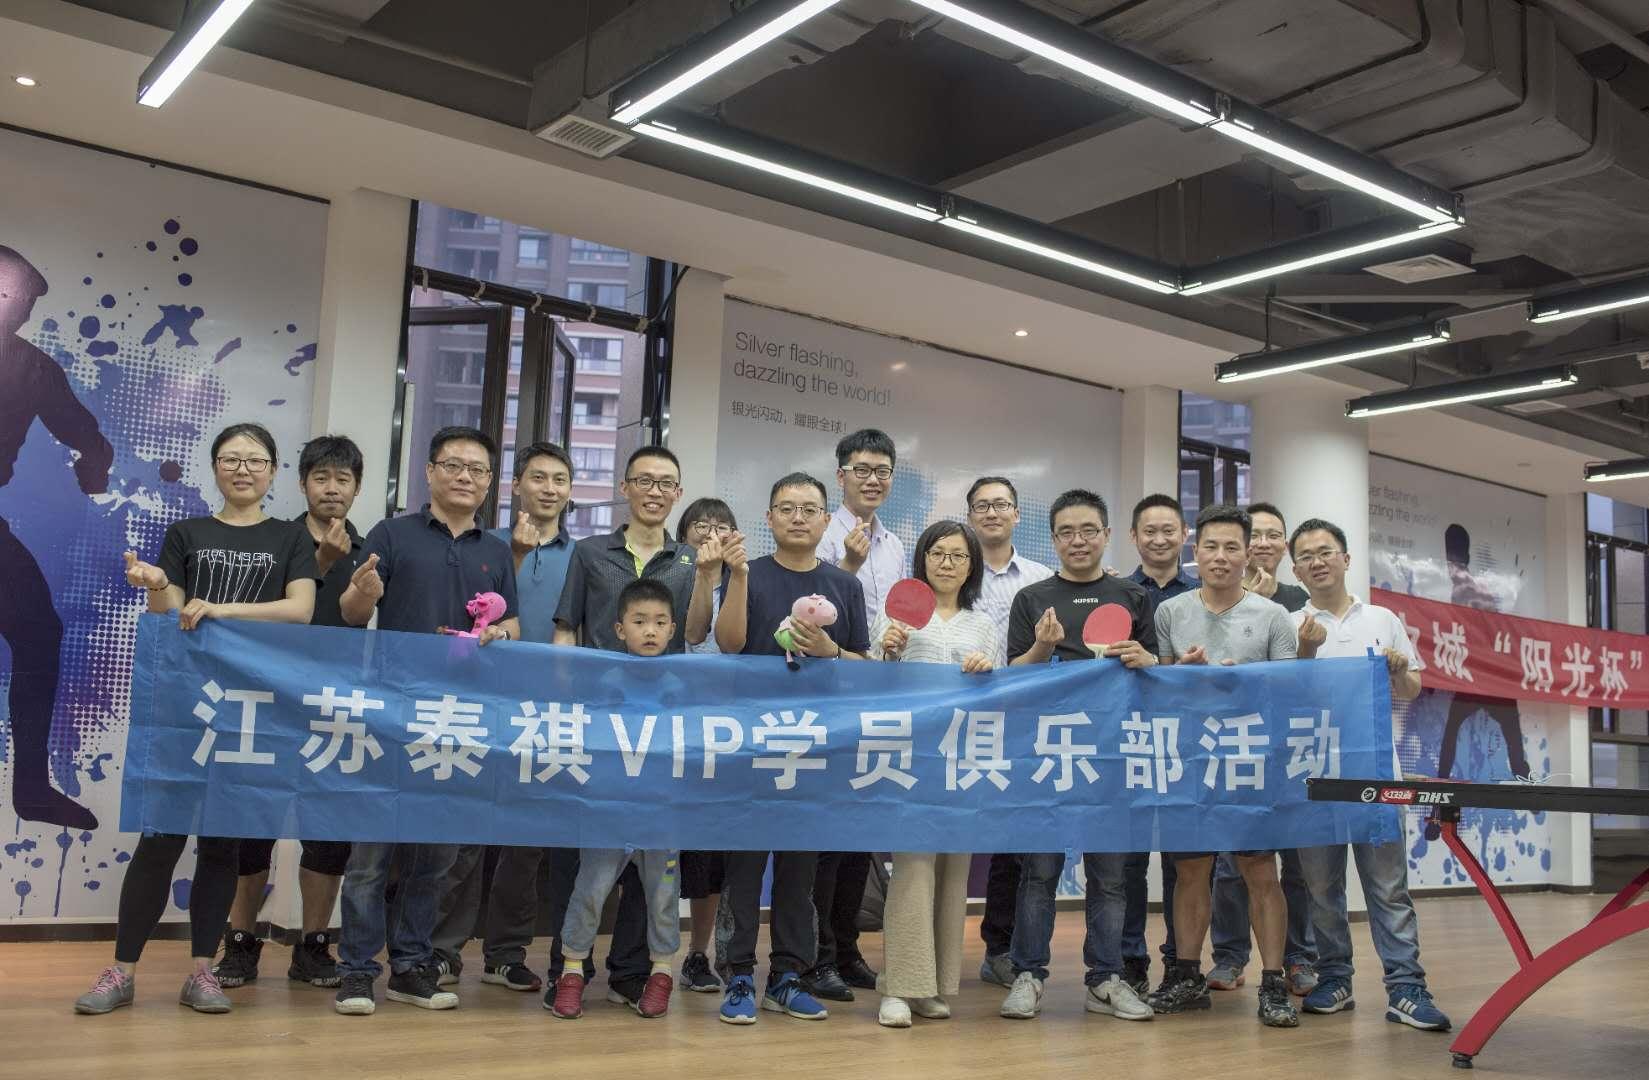 泰祺VIP俱乐部‐无锡站|5月19日运动活动,圆满举办!